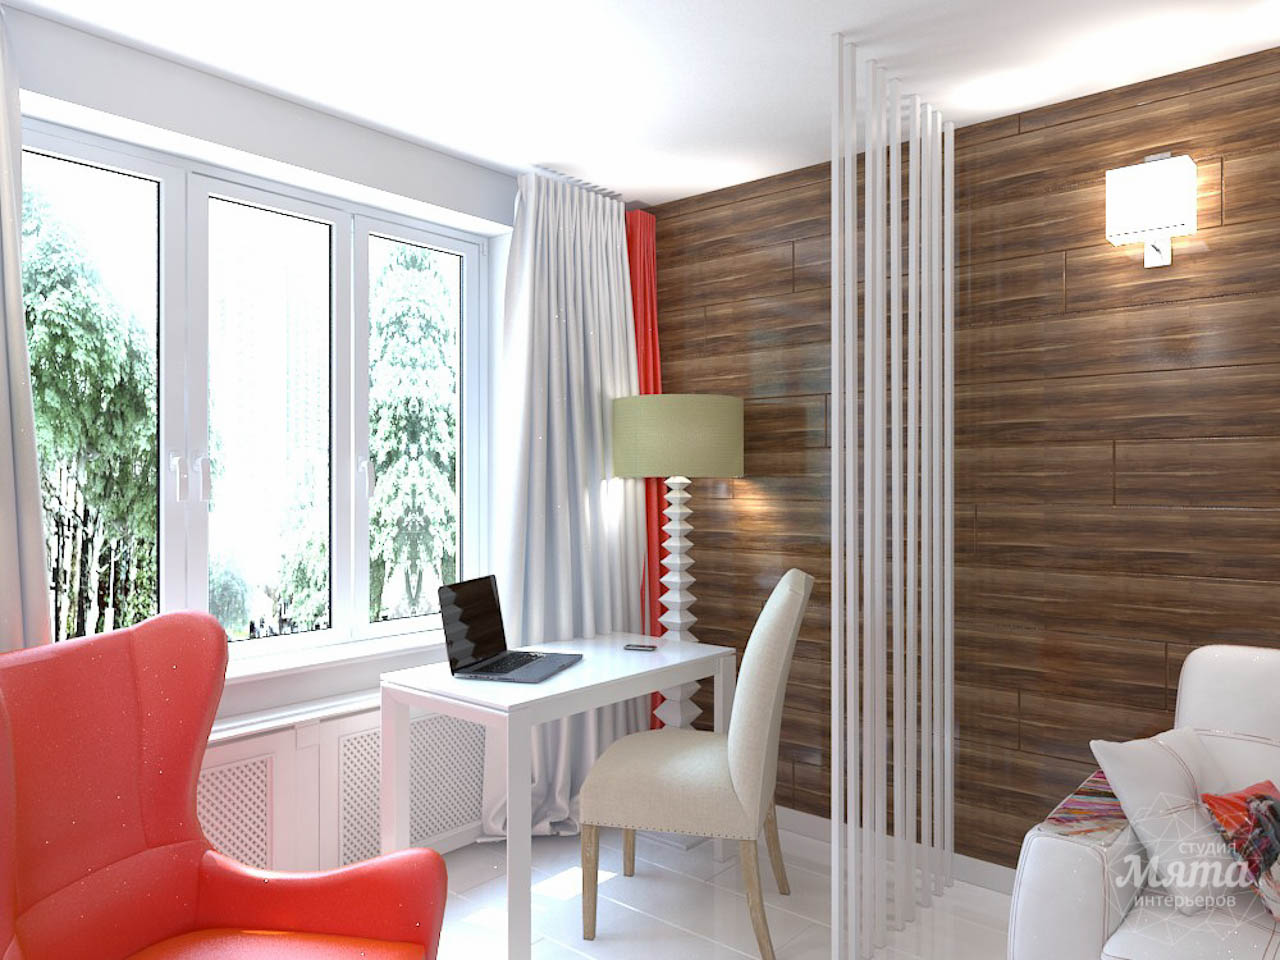 Дизайн интерьера однокомнатной квартиры в стиле минимализм по ул. Чапаева 30 img2118647351